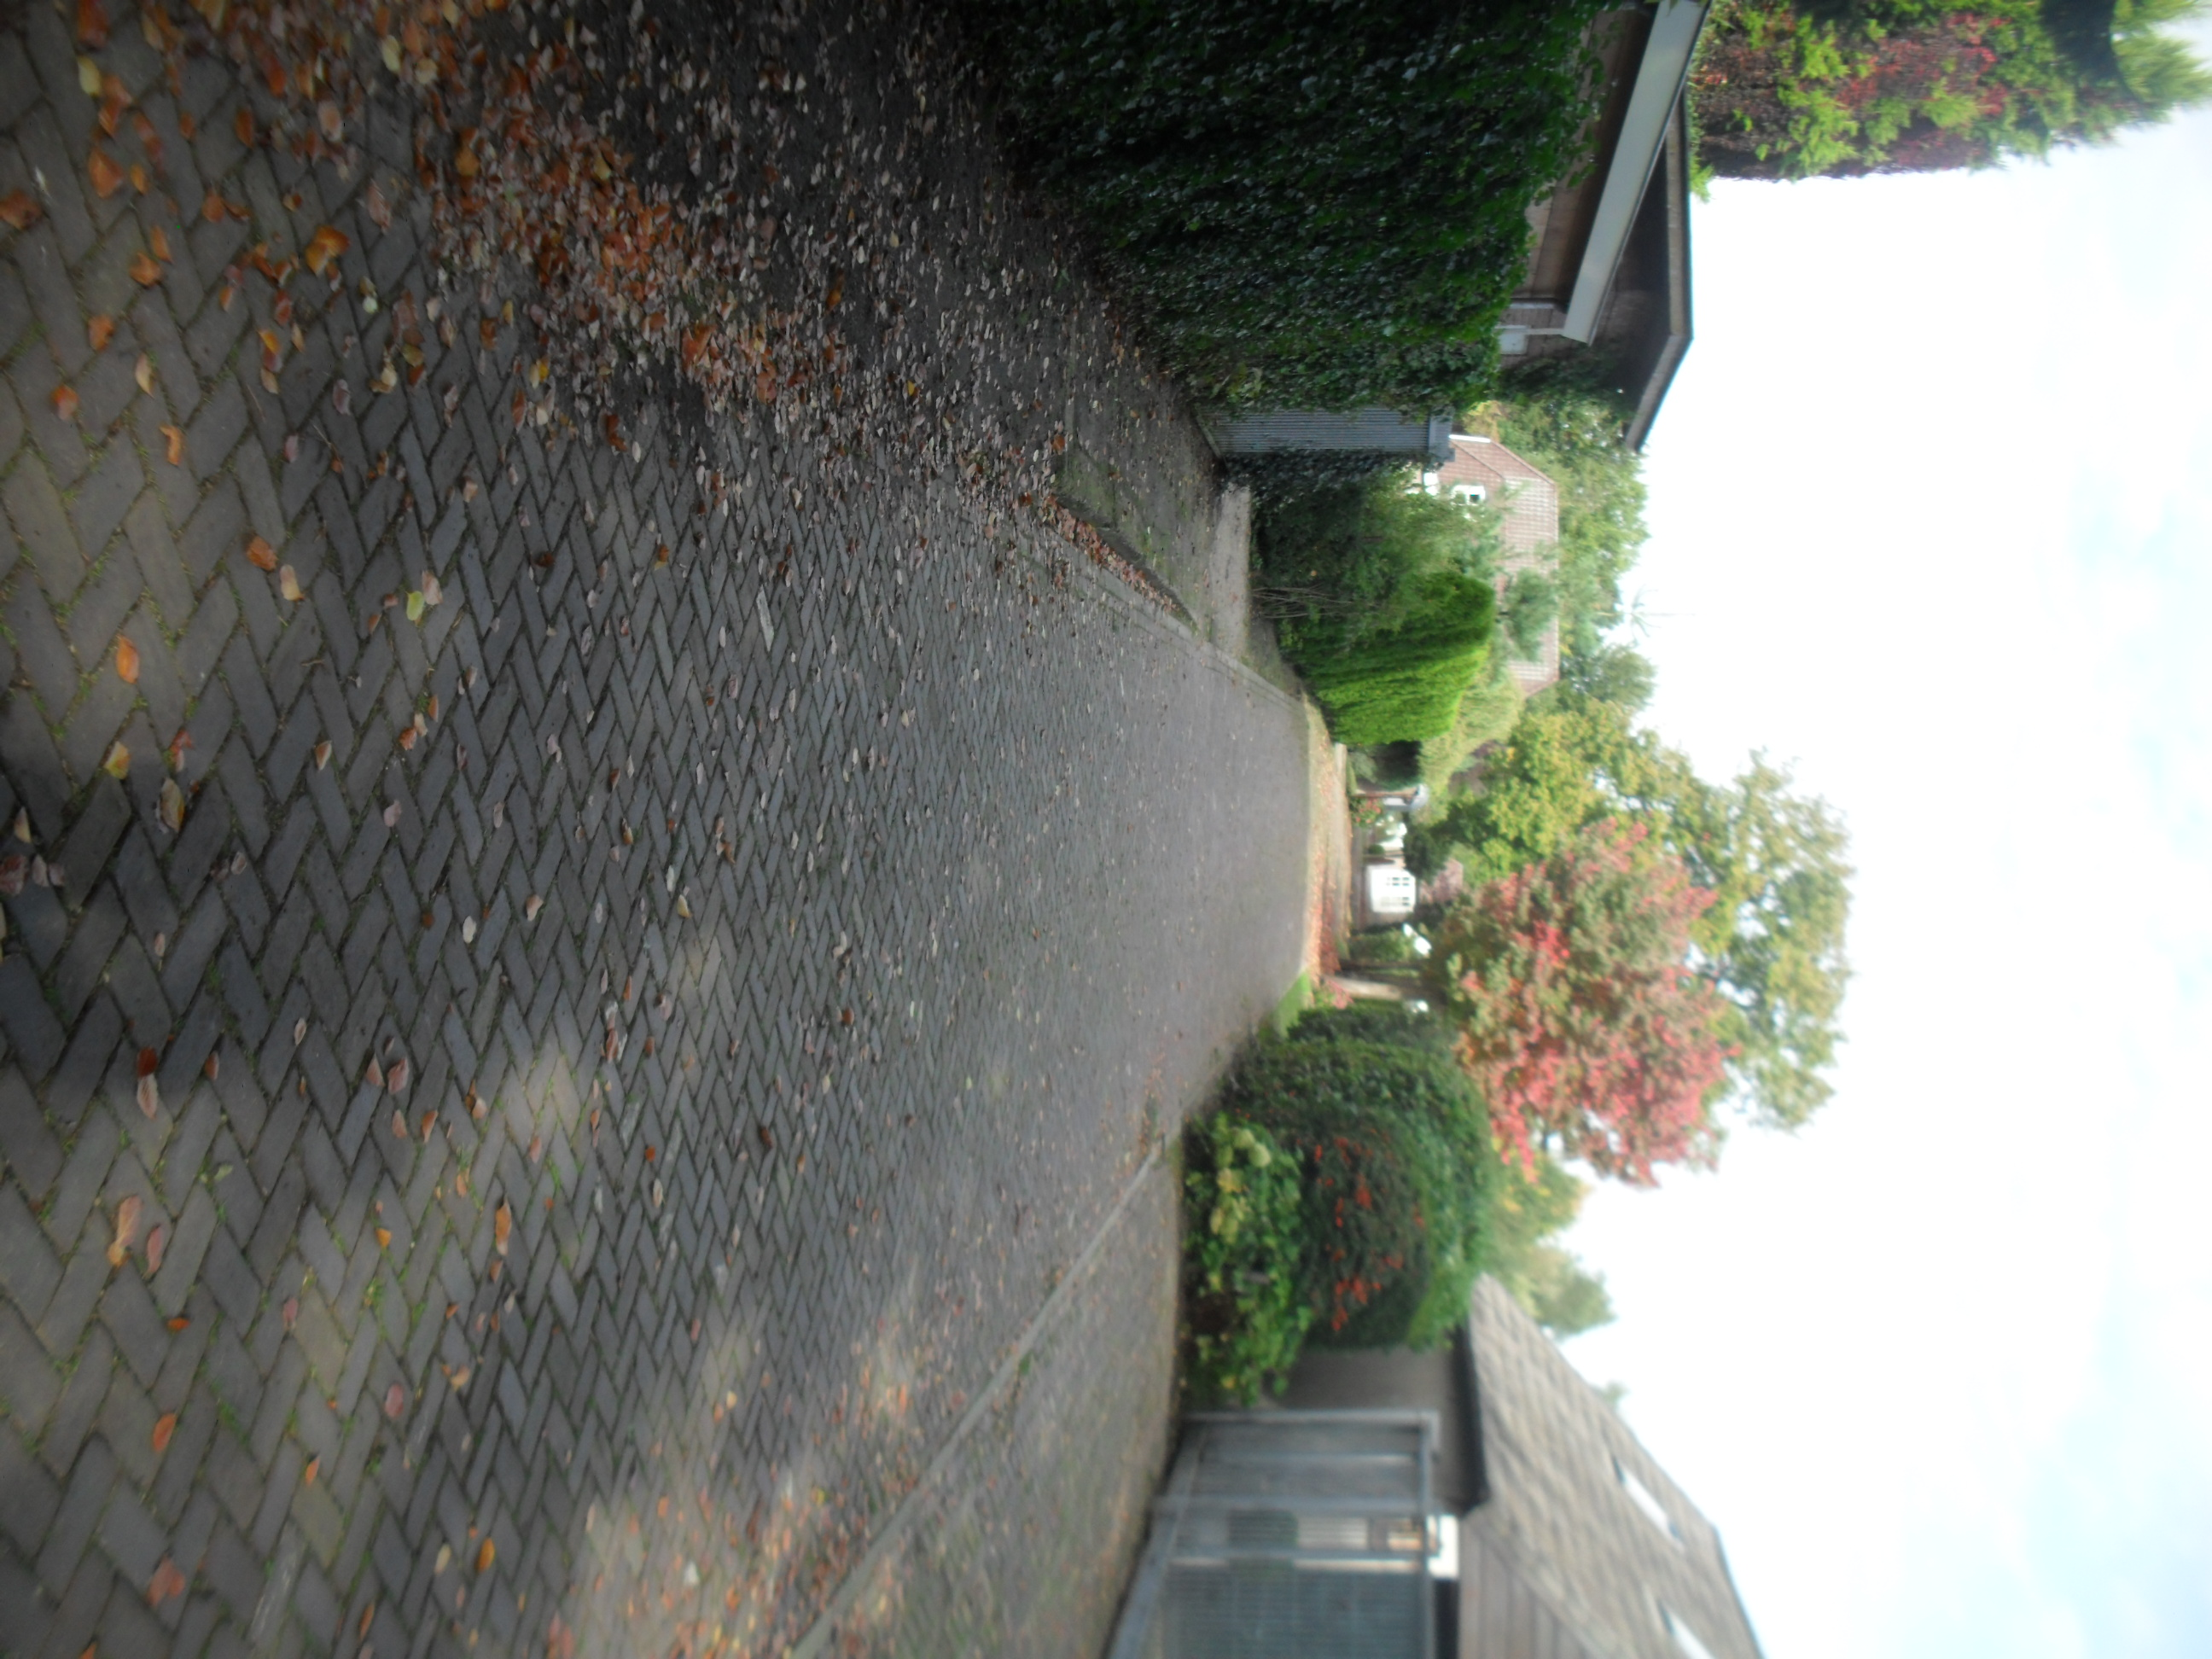 zijtak Dorpsstraat, eventueel kun je parkeren in de berm